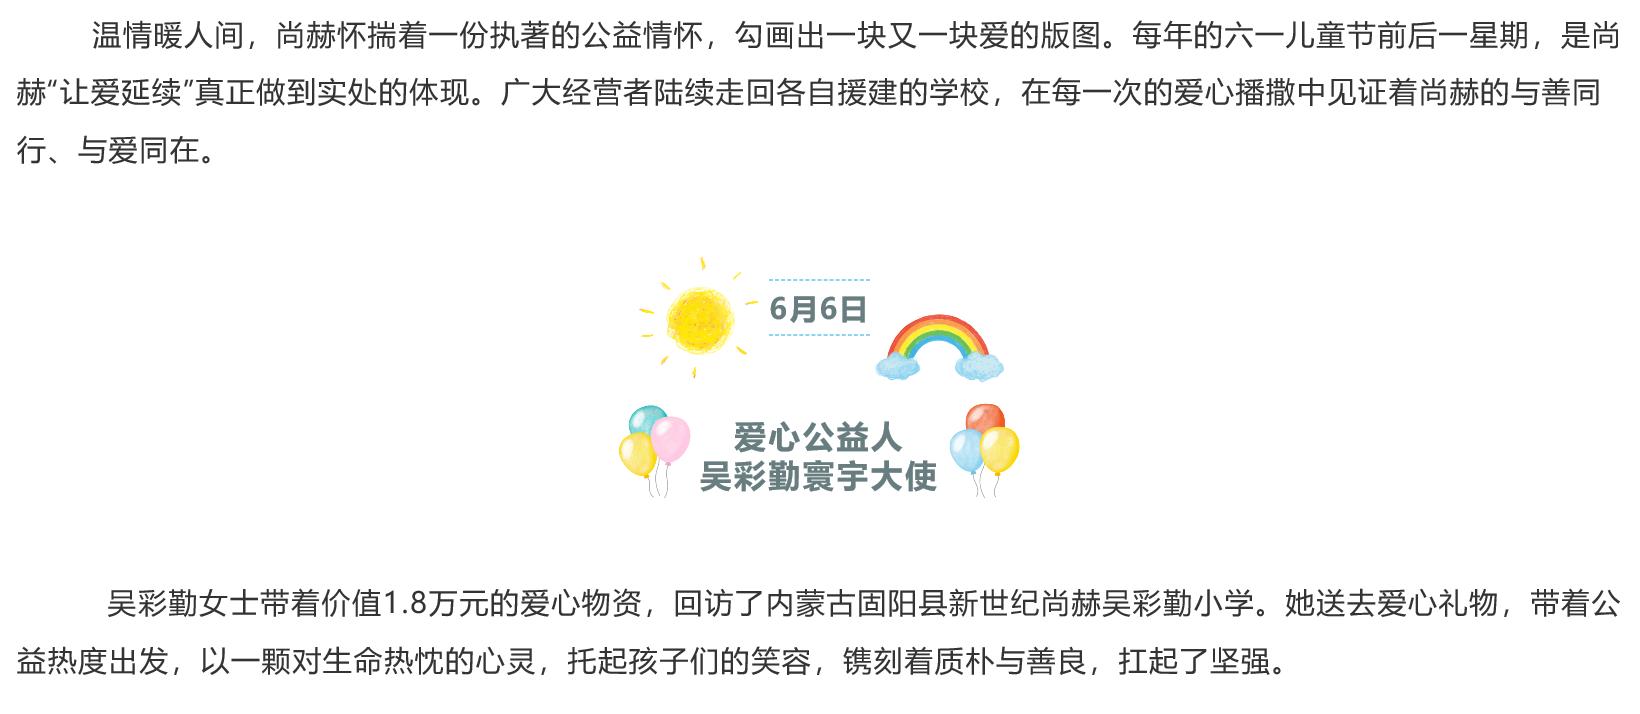 尚赫人倾心公益 让爱延续(8)